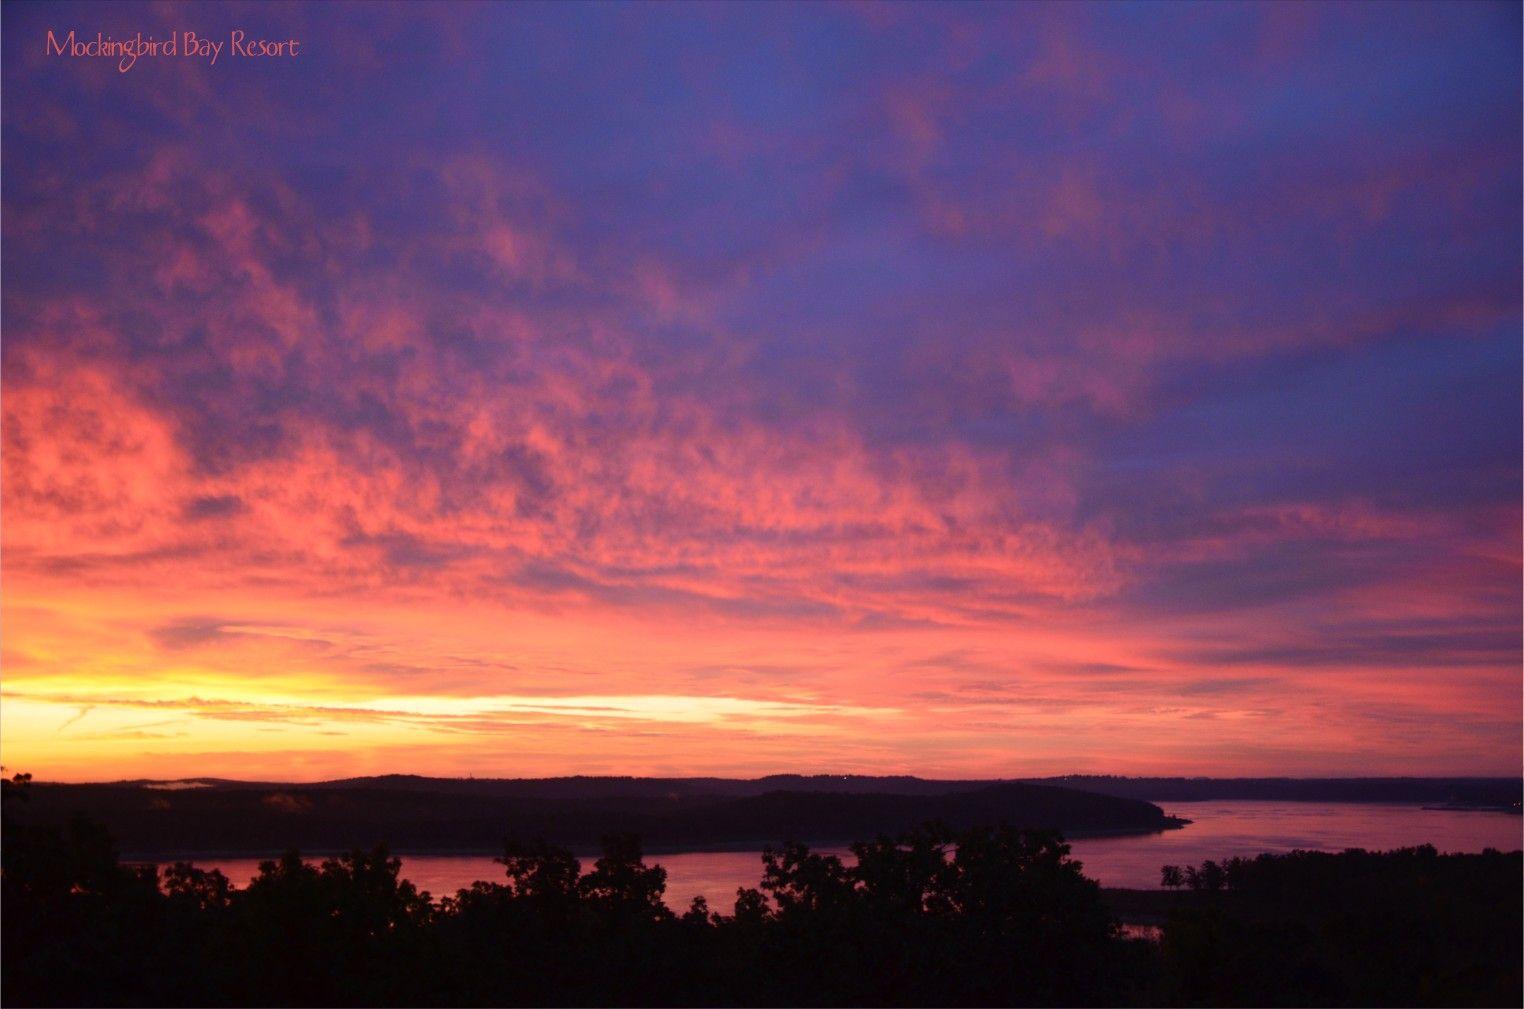 Morning sunrise over norfork lake mockingbird bay resort